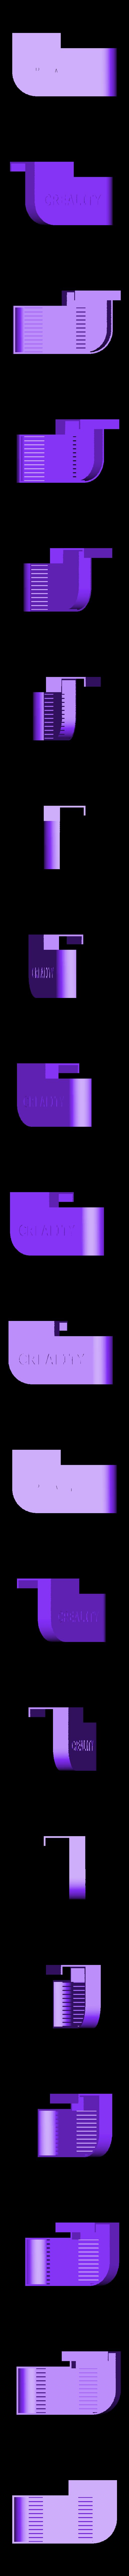 Upgrade Ender 3 PSU.STL Télécharger fichier STL gratuit Couvercle de ventilateur Creality Ender 3 Pro PSU • Plan à imprimer en 3D, patrikglasoga